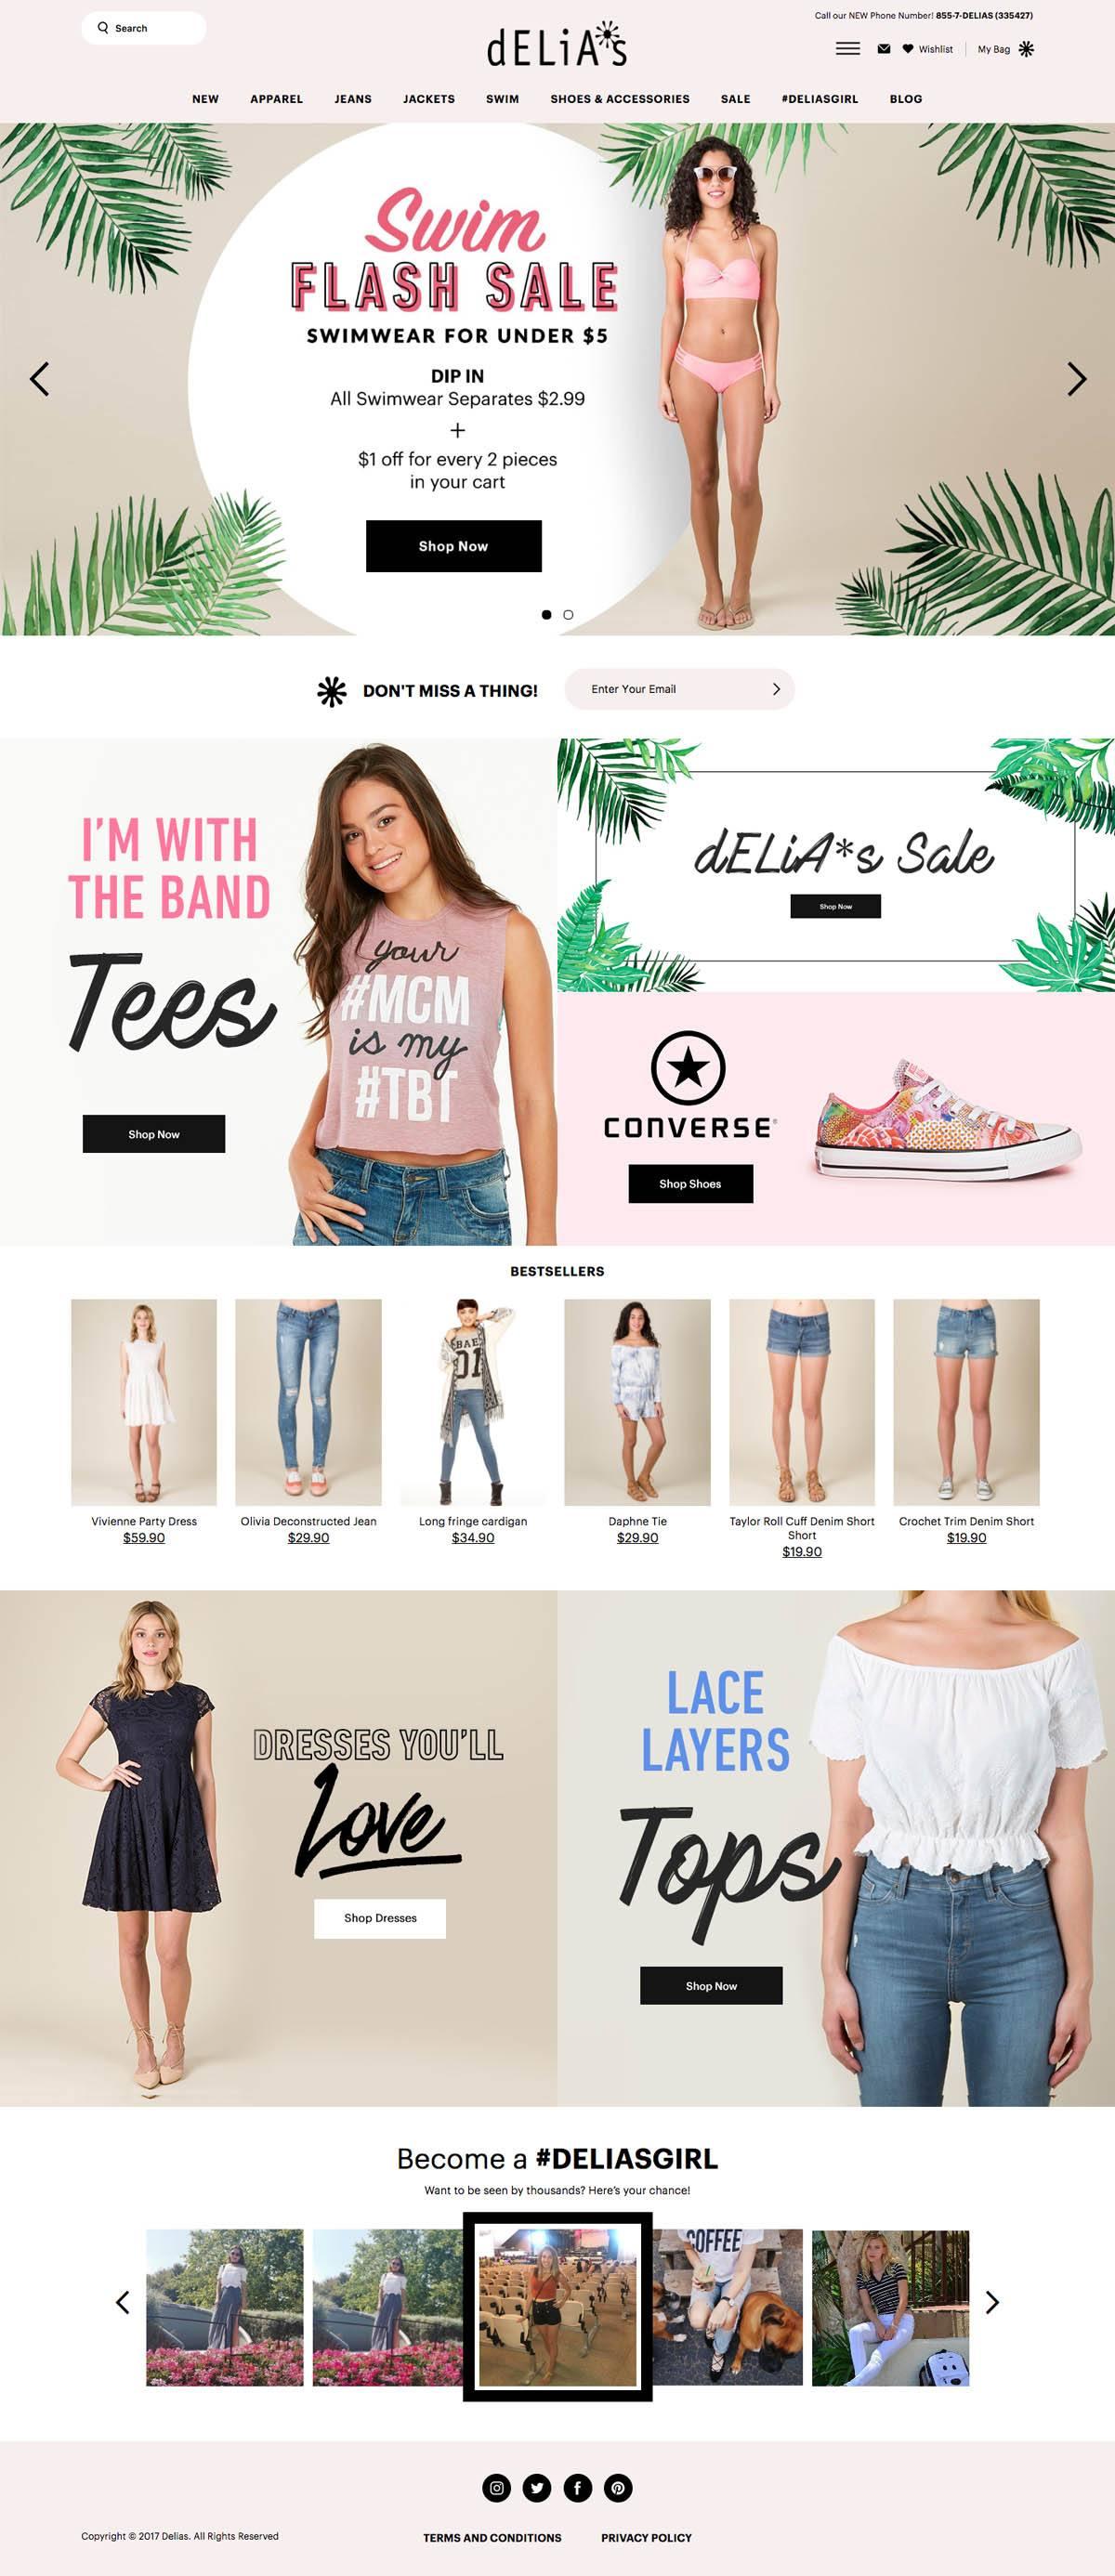 eCommerce website: Delia's